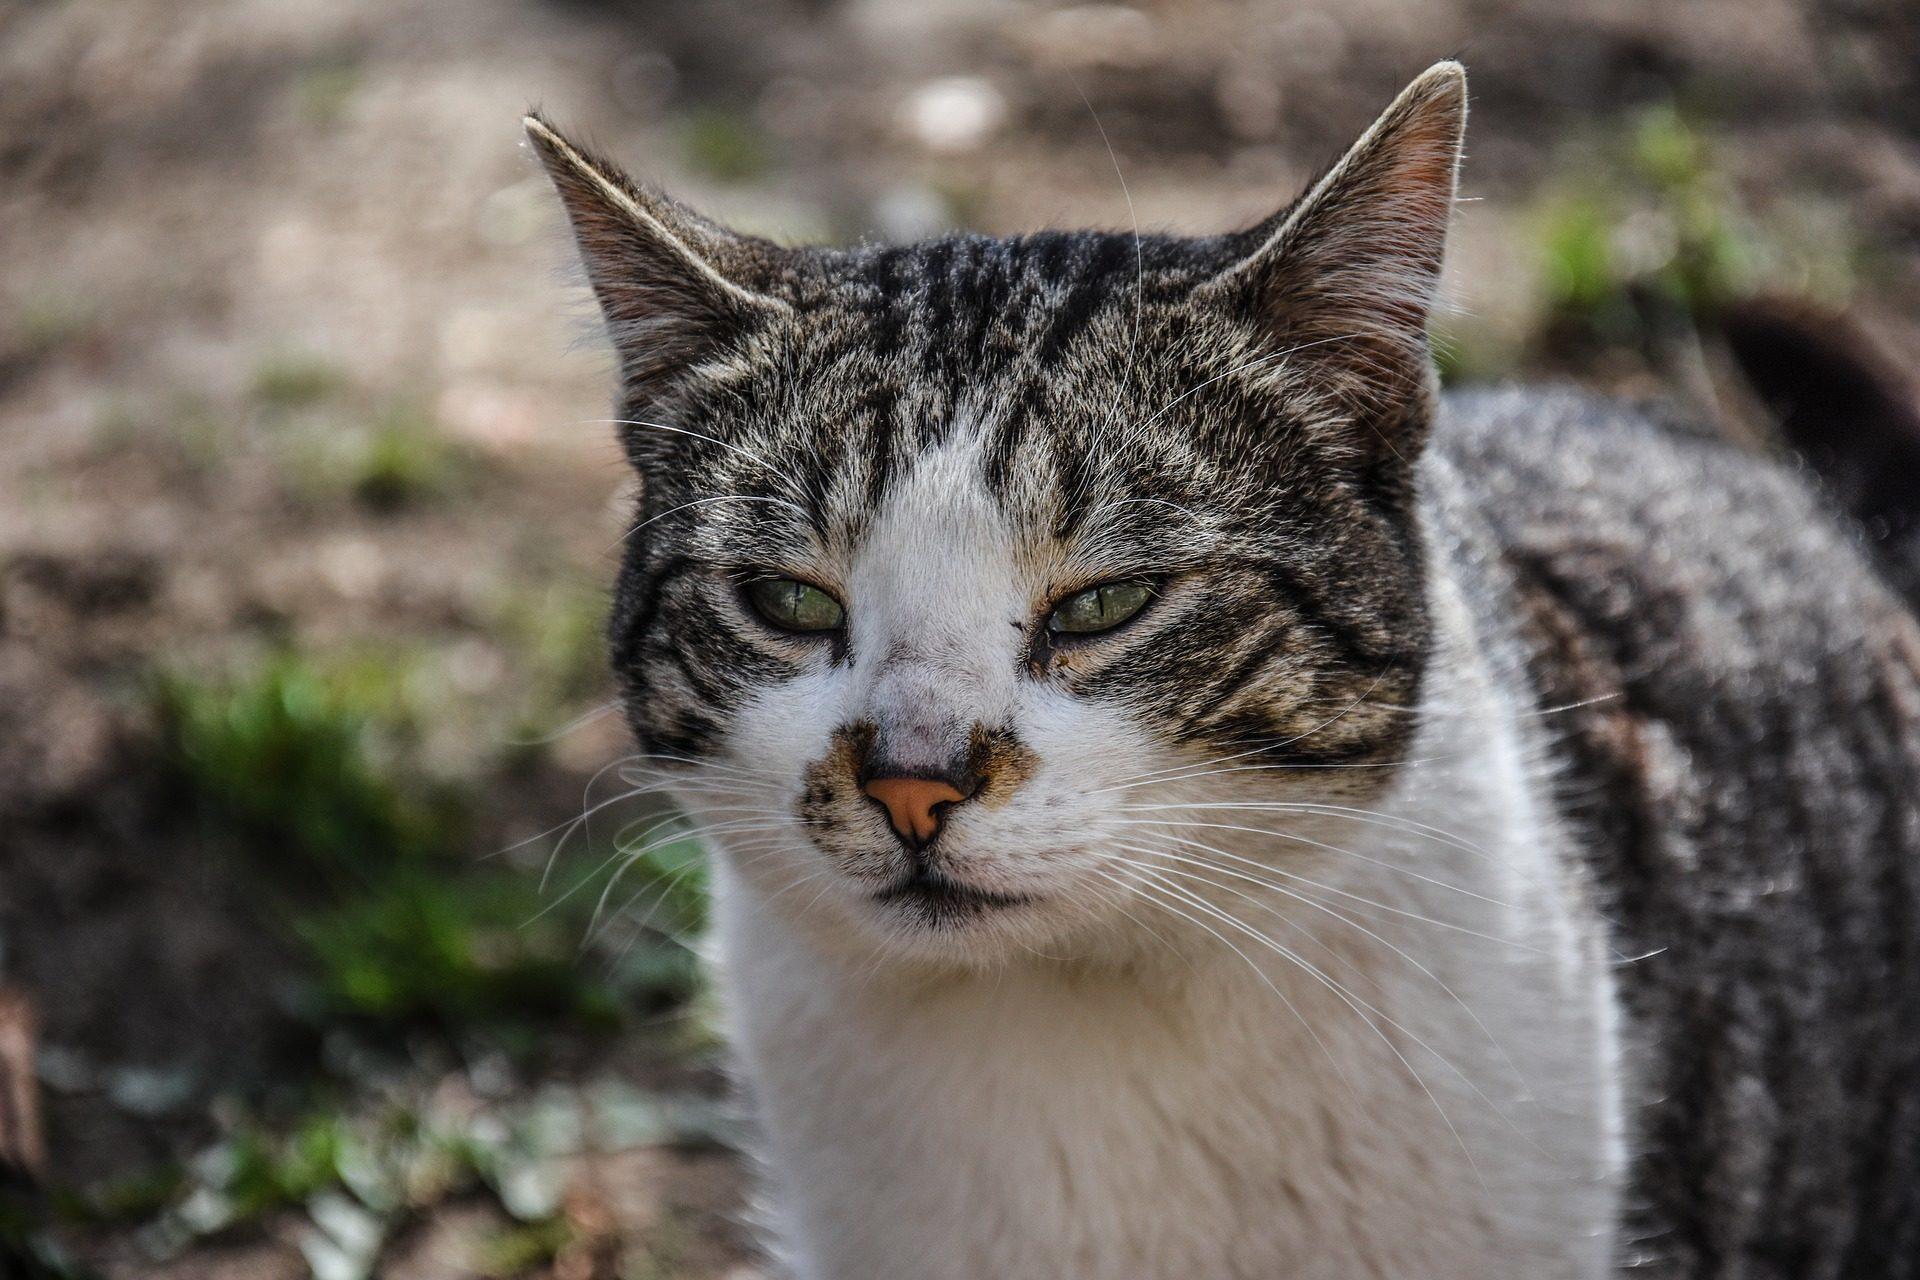 gato, felino, Olha, peles, bigodes, Animal de estimação - Papéis de parede HD - Professor-falken.com